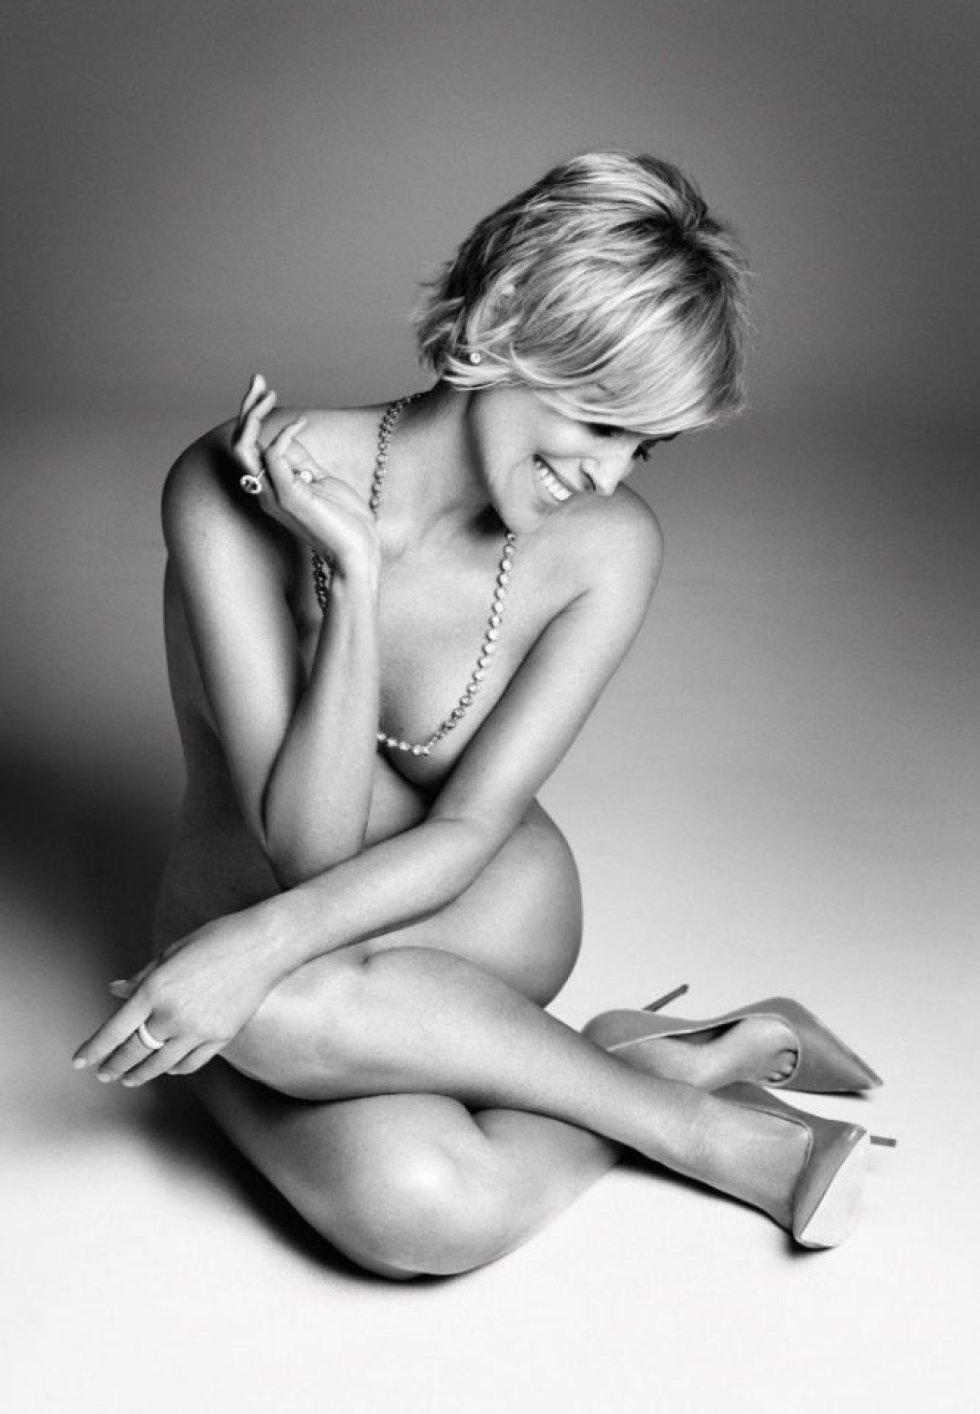 Su preocupación por tener un físico sano y joven es tan conocida que en Estados Unidos han acuñado el término 'síndrome Sharon Stone' para definir a una persona que invierte horas y horas en hacer ejercicio físico. Sus esfuerzos le han servido para lucir un cuerpo así de joven y hacer desnudos como el que retrató la revista 'Harper's Bazaar' en agosto de 2016.